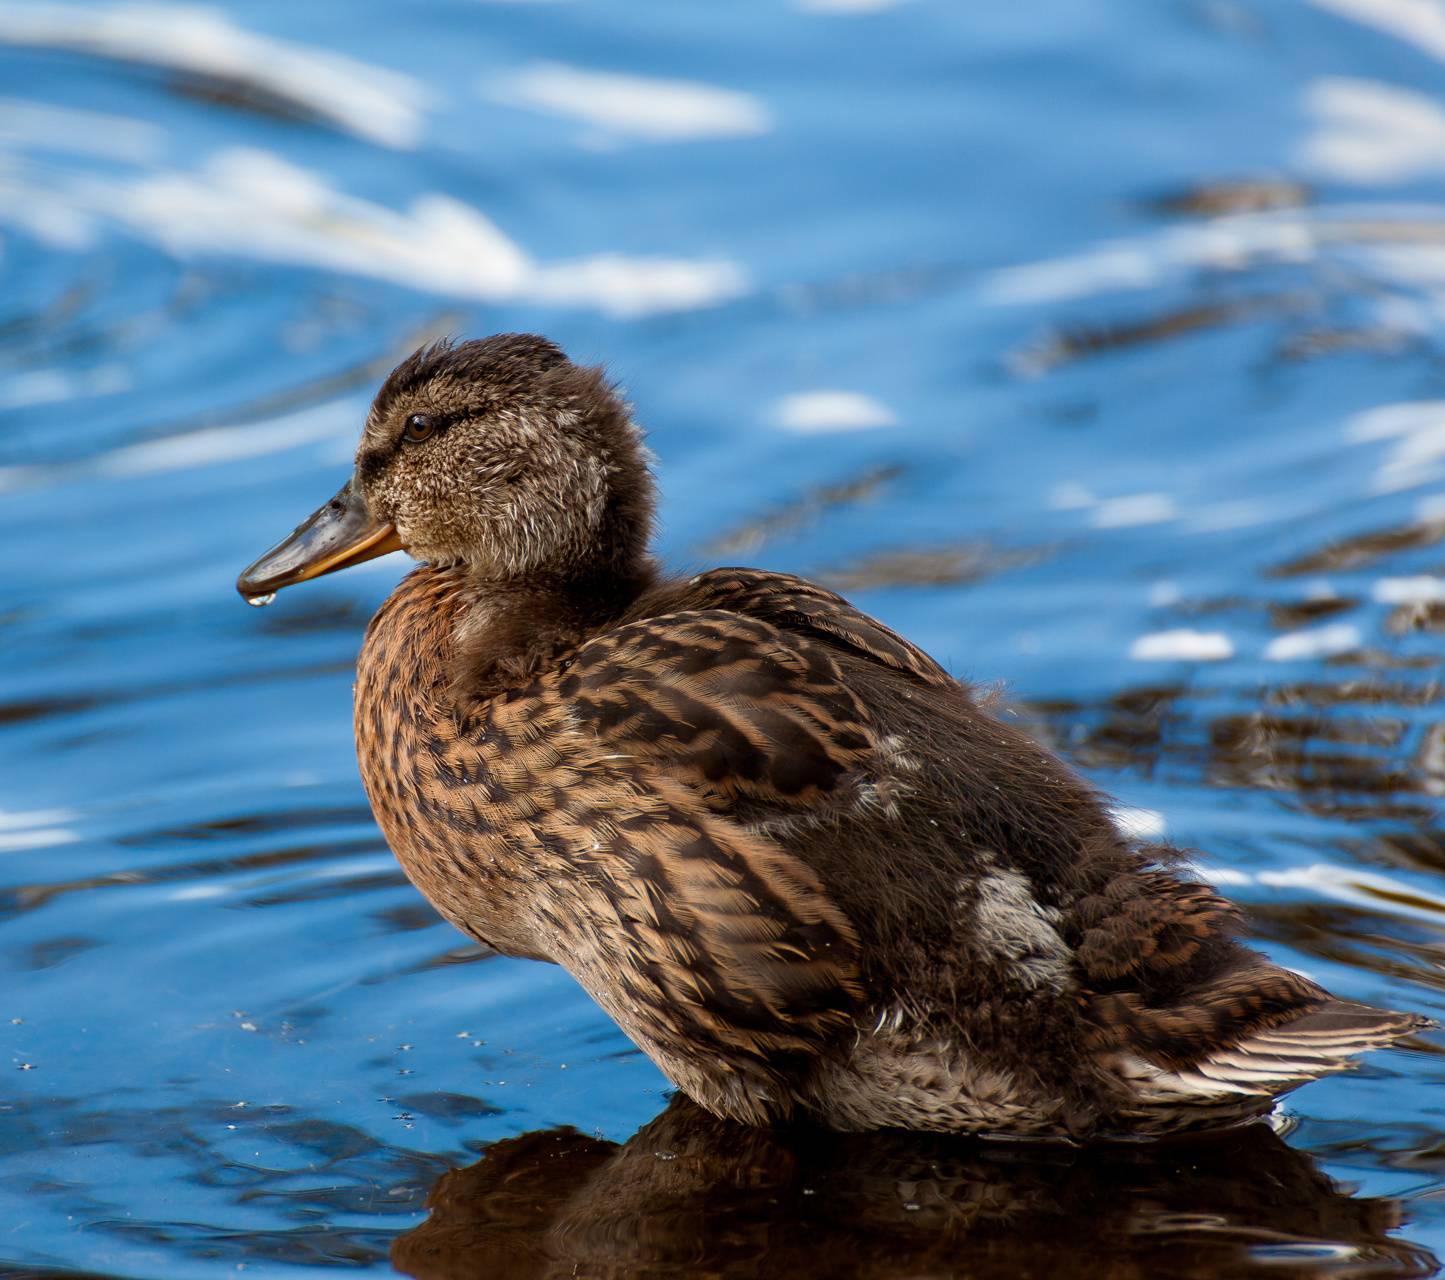 Wild duckling